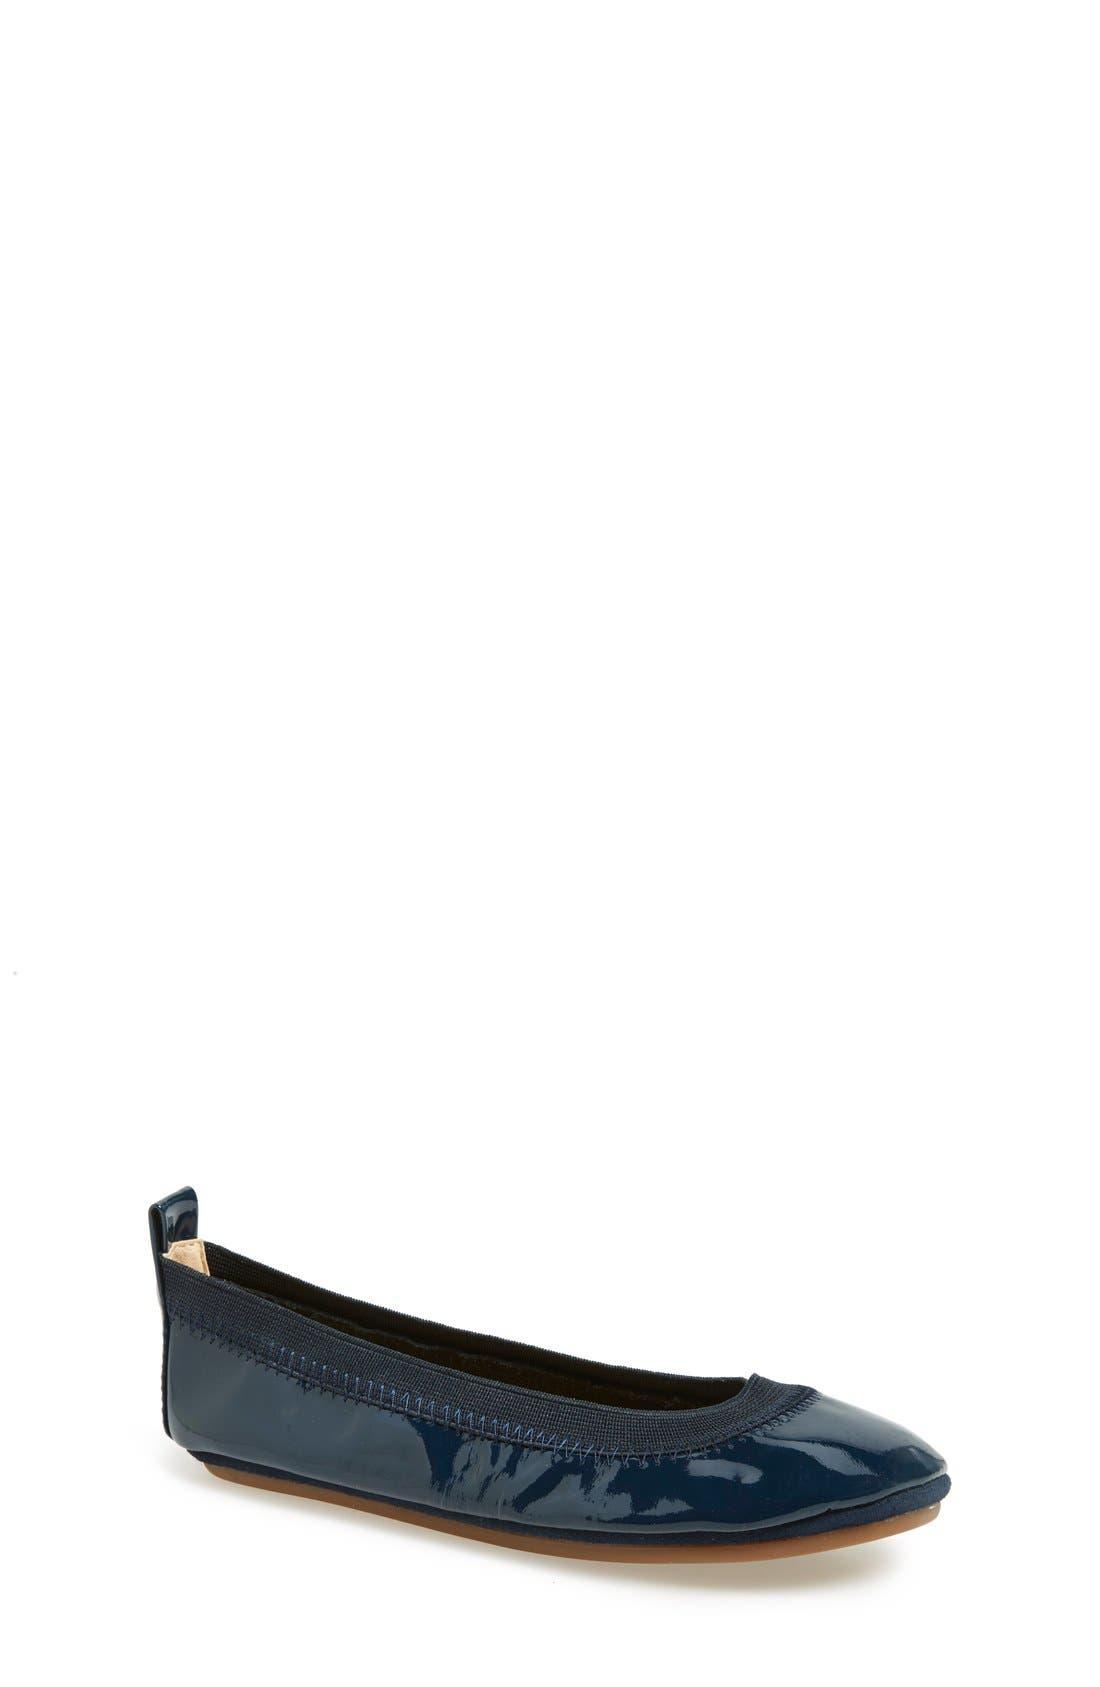 Yosi Samra Patent Foldable Ballet Flat (Toddler, Little Kid & Big Kid)